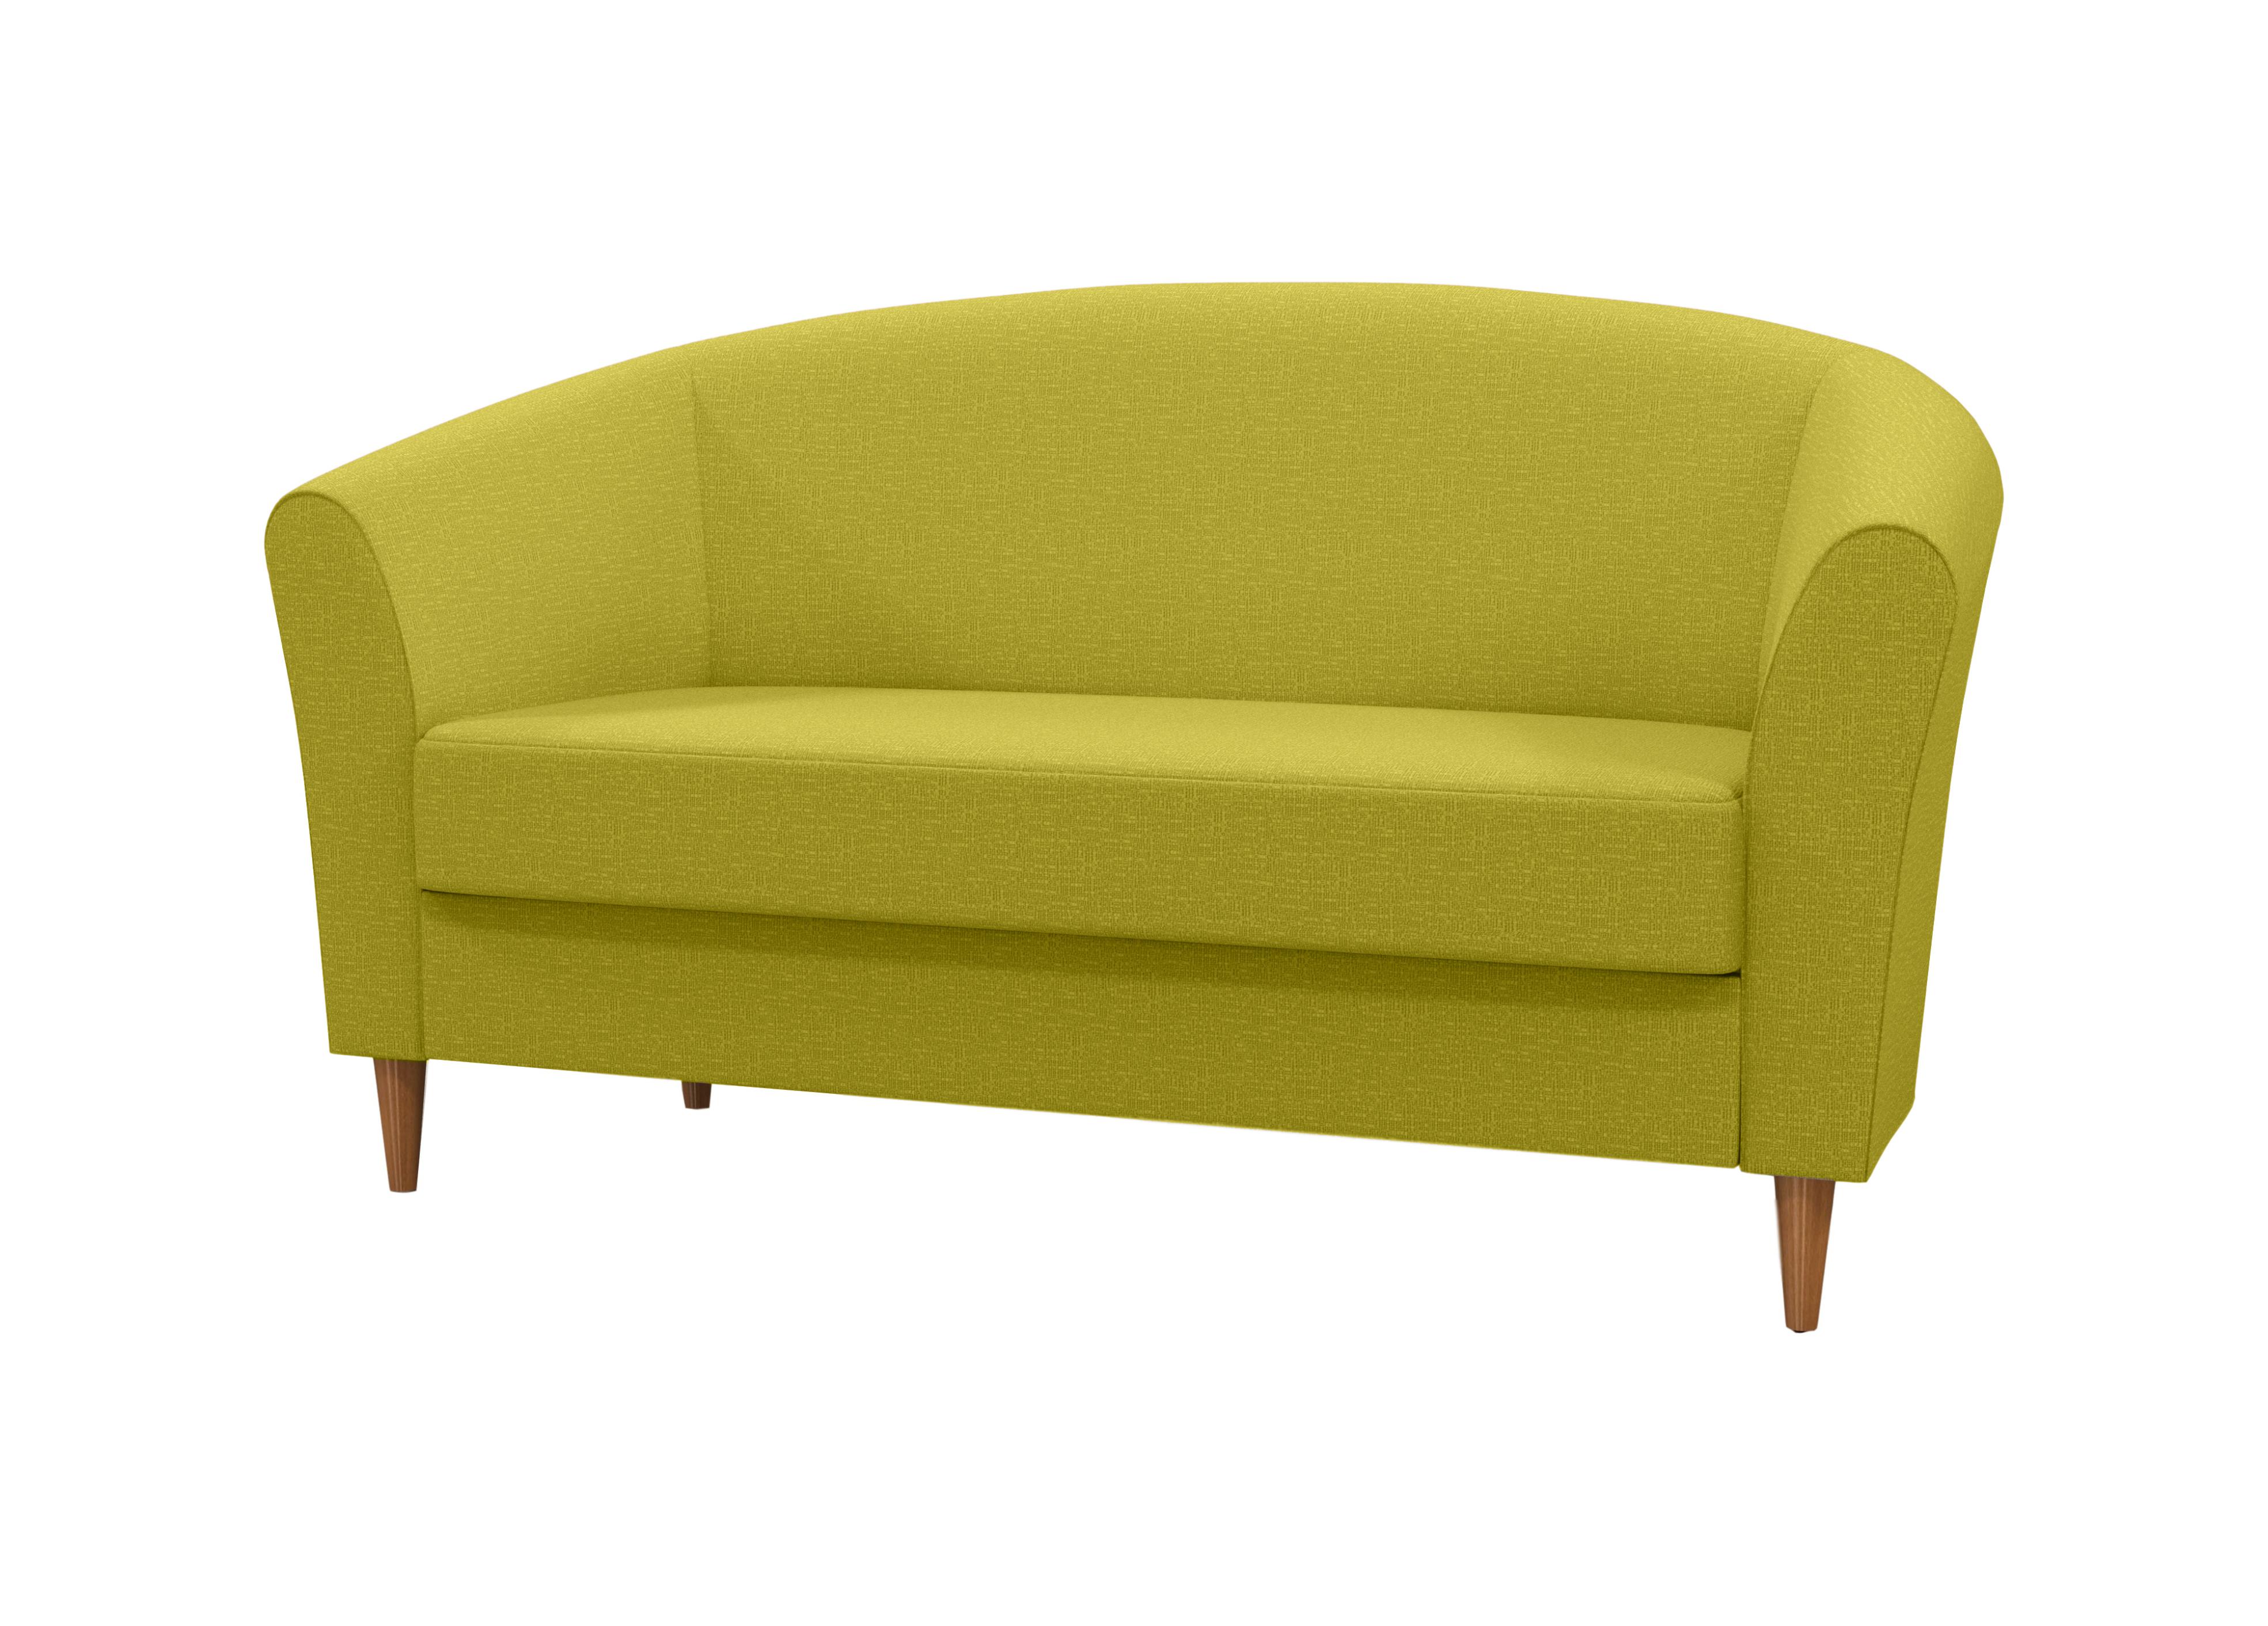 Диван МариДвухместные диваны<br>&amp;lt;div&amp;gt;Лаконичный диван &amp;quot;Мари&amp;quot; впишется в любой интерьер! Стильный и практичный: съемный чехол легко чистить. Диван представлен в двух цветах: уютном сером и нежном розовом, вам остается только решить, какой из них лучше дополнит ваш интерьер.&amp;lt;/div&amp;gt;&amp;lt;div&amp;gt;&amp;lt;br&amp;gt;&amp;lt;/div&amp;gt;&amp;lt;div&amp;gt;Ткань: кожа, наполнитель полиуретан и холлофайбер.&amp;lt;/div&amp;gt;&amp;lt;div&amp;gt;Каркас и ножки: натуральная древесина.&amp;amp;nbsp;&amp;lt;/div&amp;gt;&amp;lt;div&amp;gt;Дополнительно: съемный чехол.&amp;lt;/div&amp;gt;&amp;lt;div&amp;gt;&amp;lt;br&amp;gt;&amp;lt;/div&amp;gt;&amp;lt;div&amp;gt;Изделие можно заказать в любой ткани, стоимость и срок изготовления уточняйте у менеджера.&amp;lt;/div&amp;gt;<br><br>Material: Текстиль<br>Width см: 141<br>Depth см: 71<br>Height см: 81